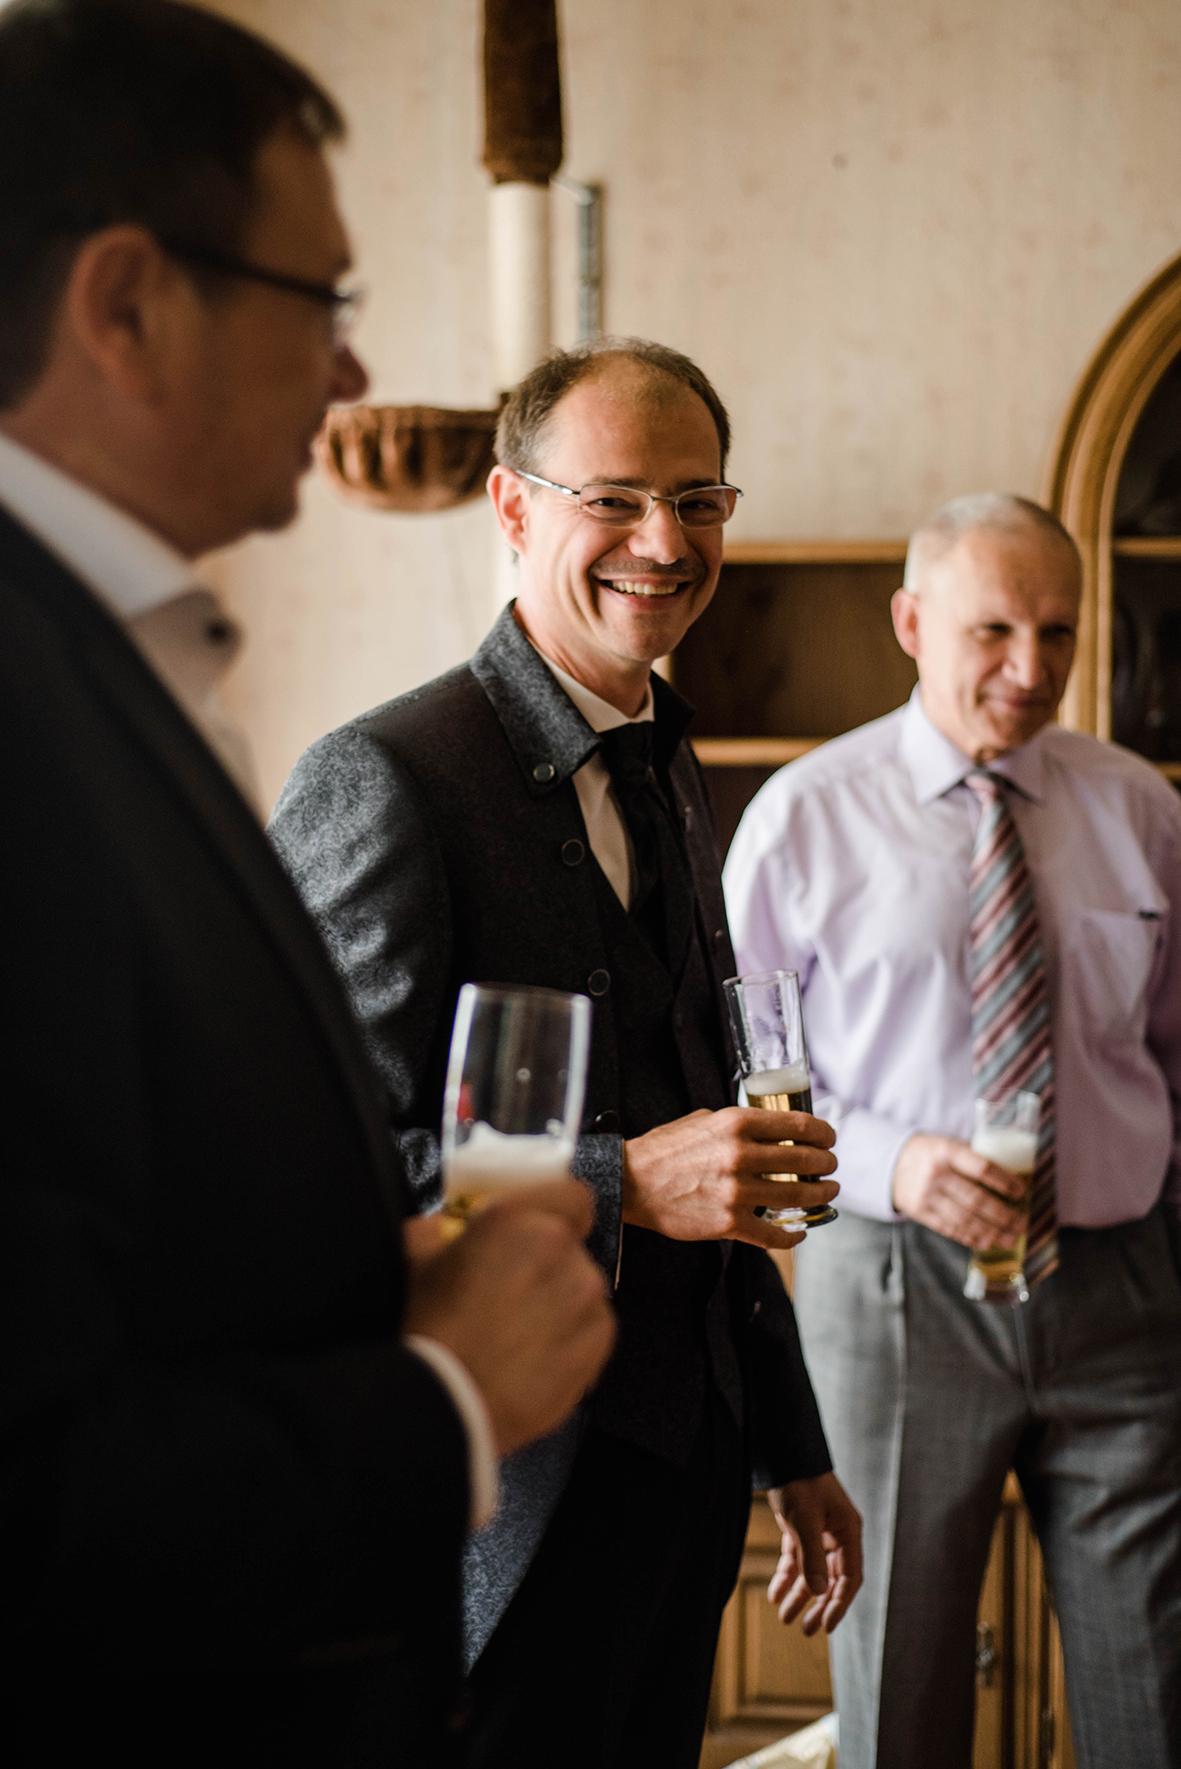 Hochzeitsfotograf in Dessau und emotionale Hochzeitsfotos beim Getting Ready